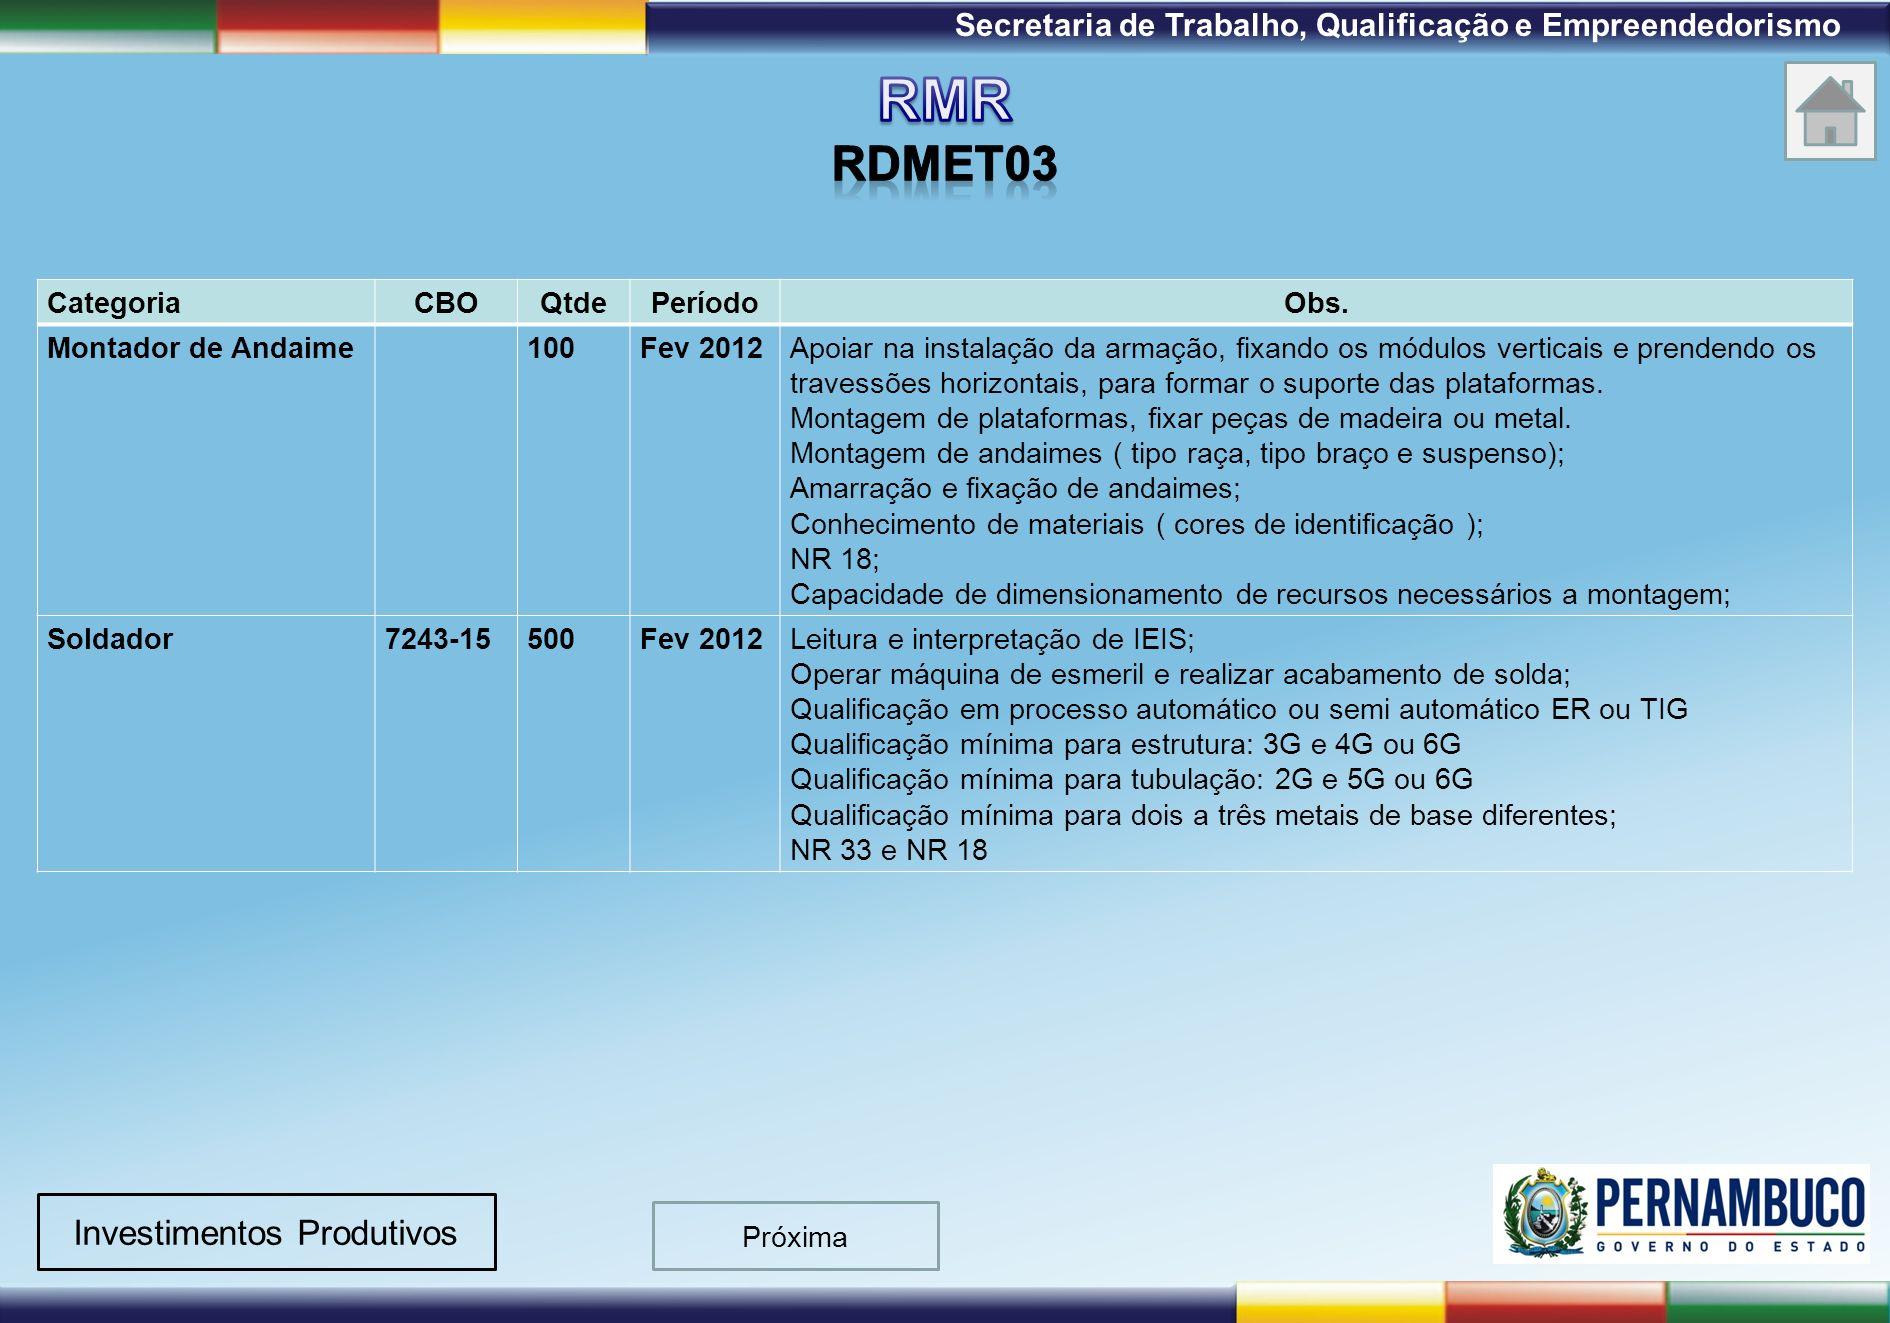 1ª Reunião de Monitoramento 2009 – 31/03/09 Secretaria de Trabalho, Qualificação e Empreendedorismo CategoriaCBOQtdePeríodoObs. Montador de Andaime100